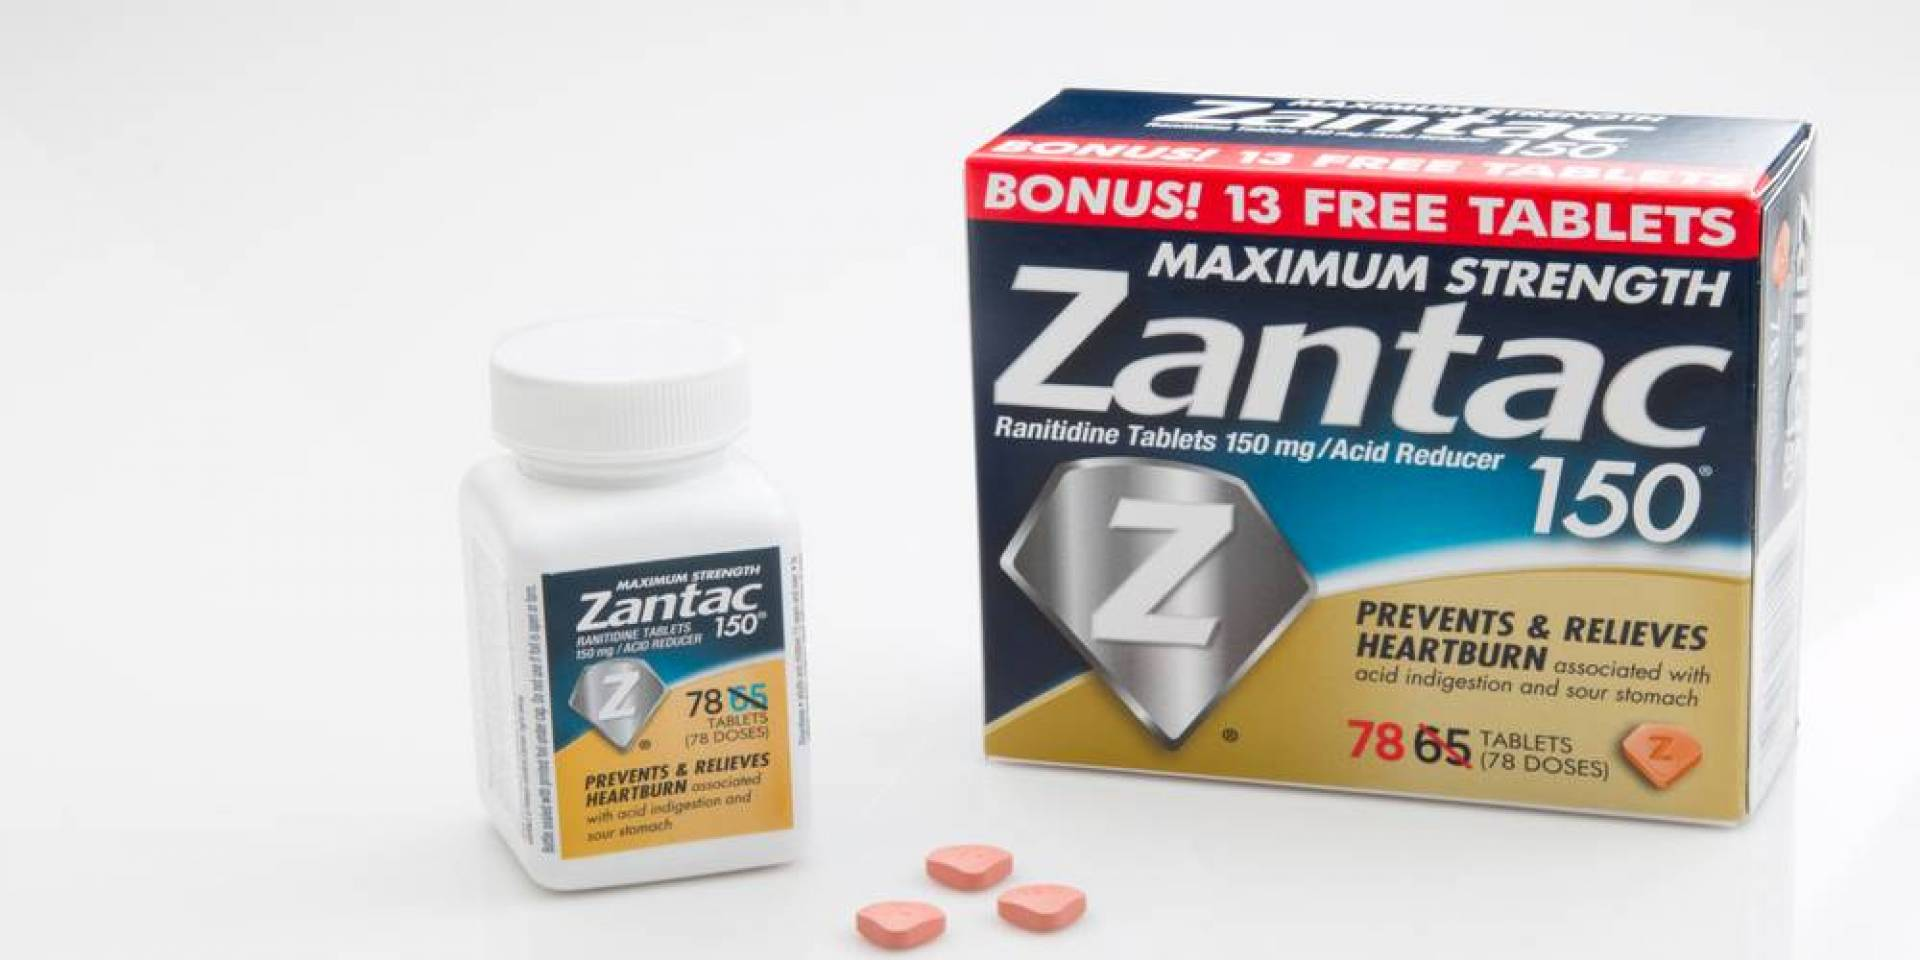 إدارة الغذاء والدواء الأميركية: سحب دواء «زانتاك» نهائيا من الأسواق.. ومنع تداوله أو تصنيعه